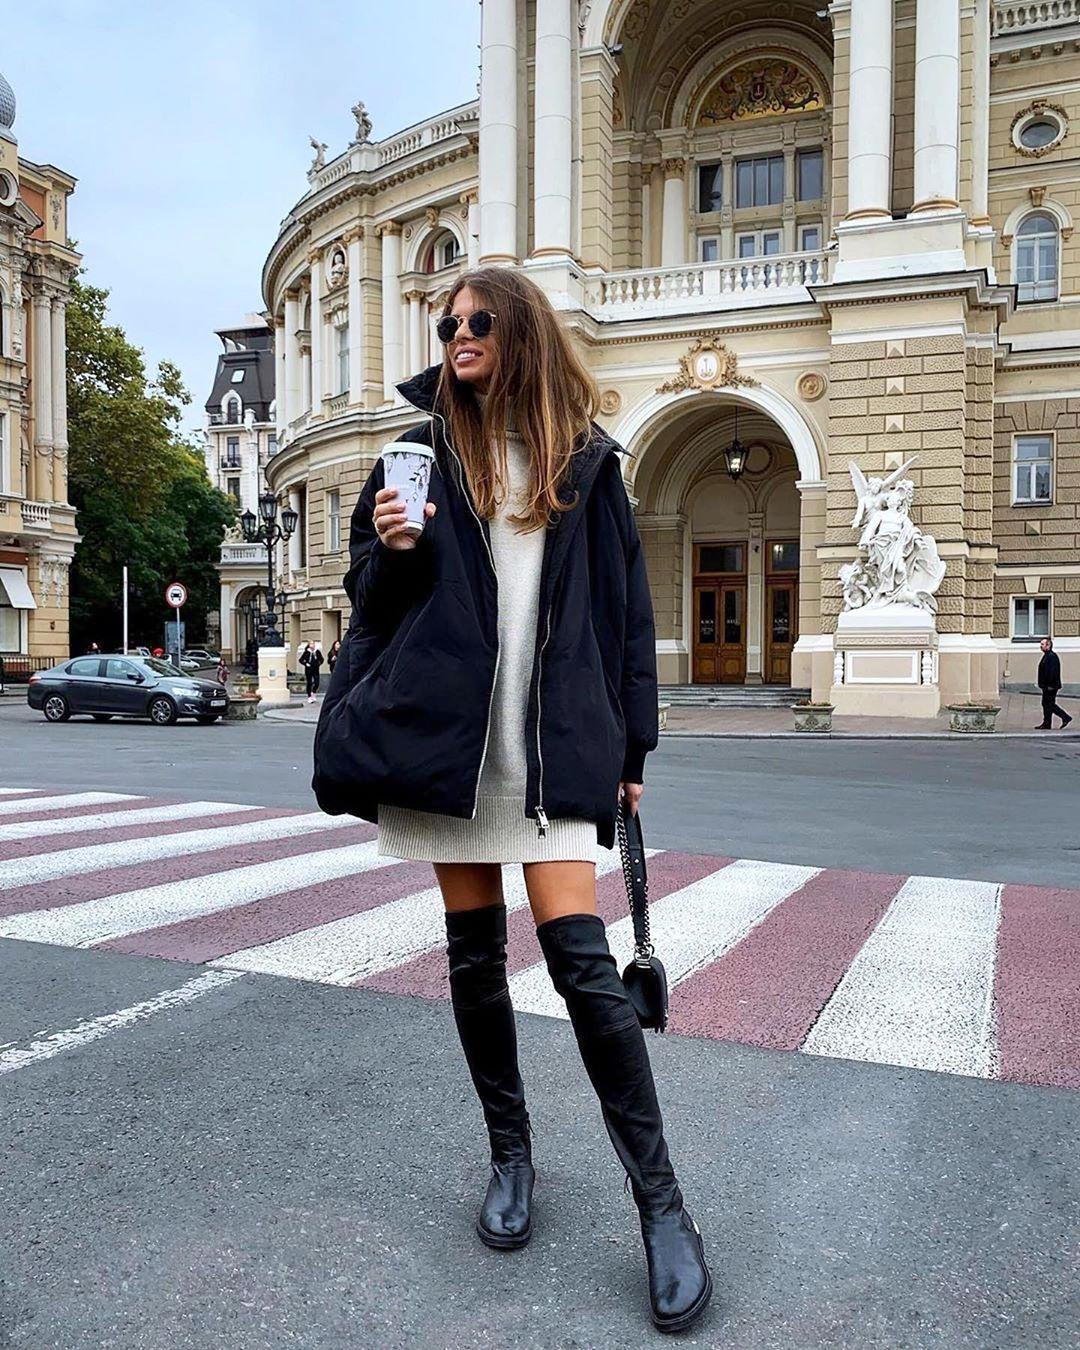 модные зимние образы на каждый день фото 11